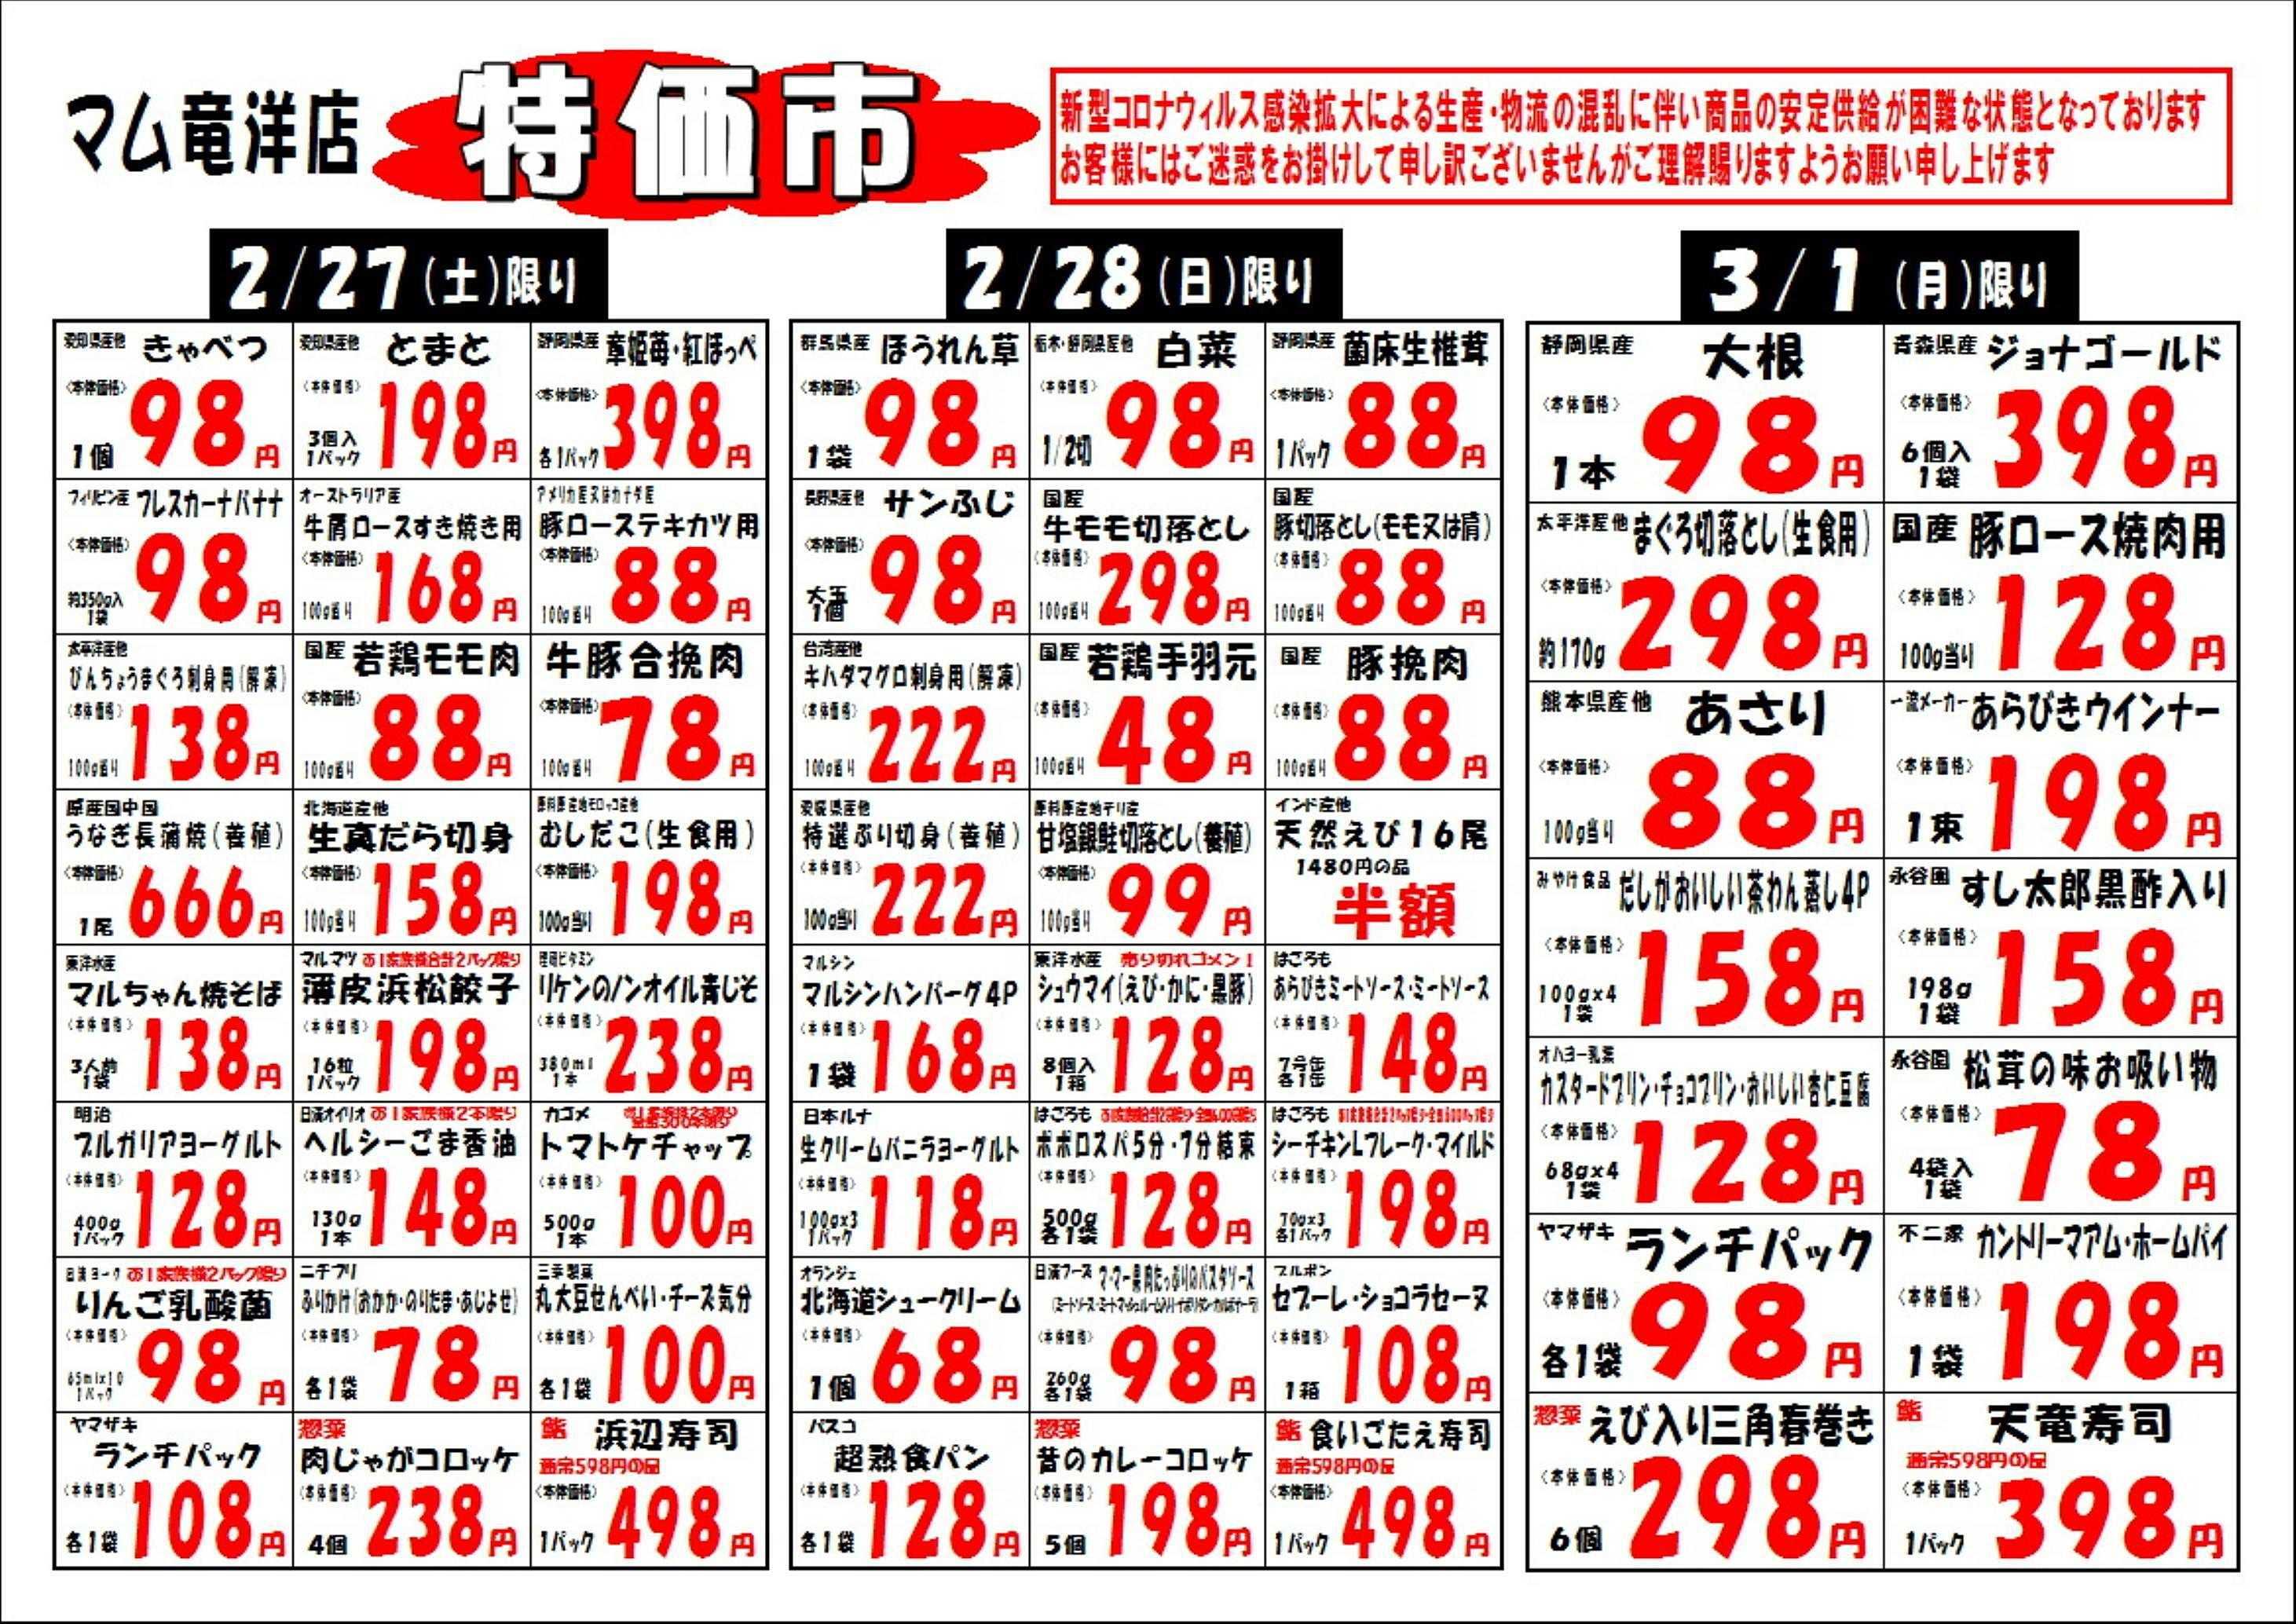 フードマーケット マム 竜洋店 特価市 2/27~3/5